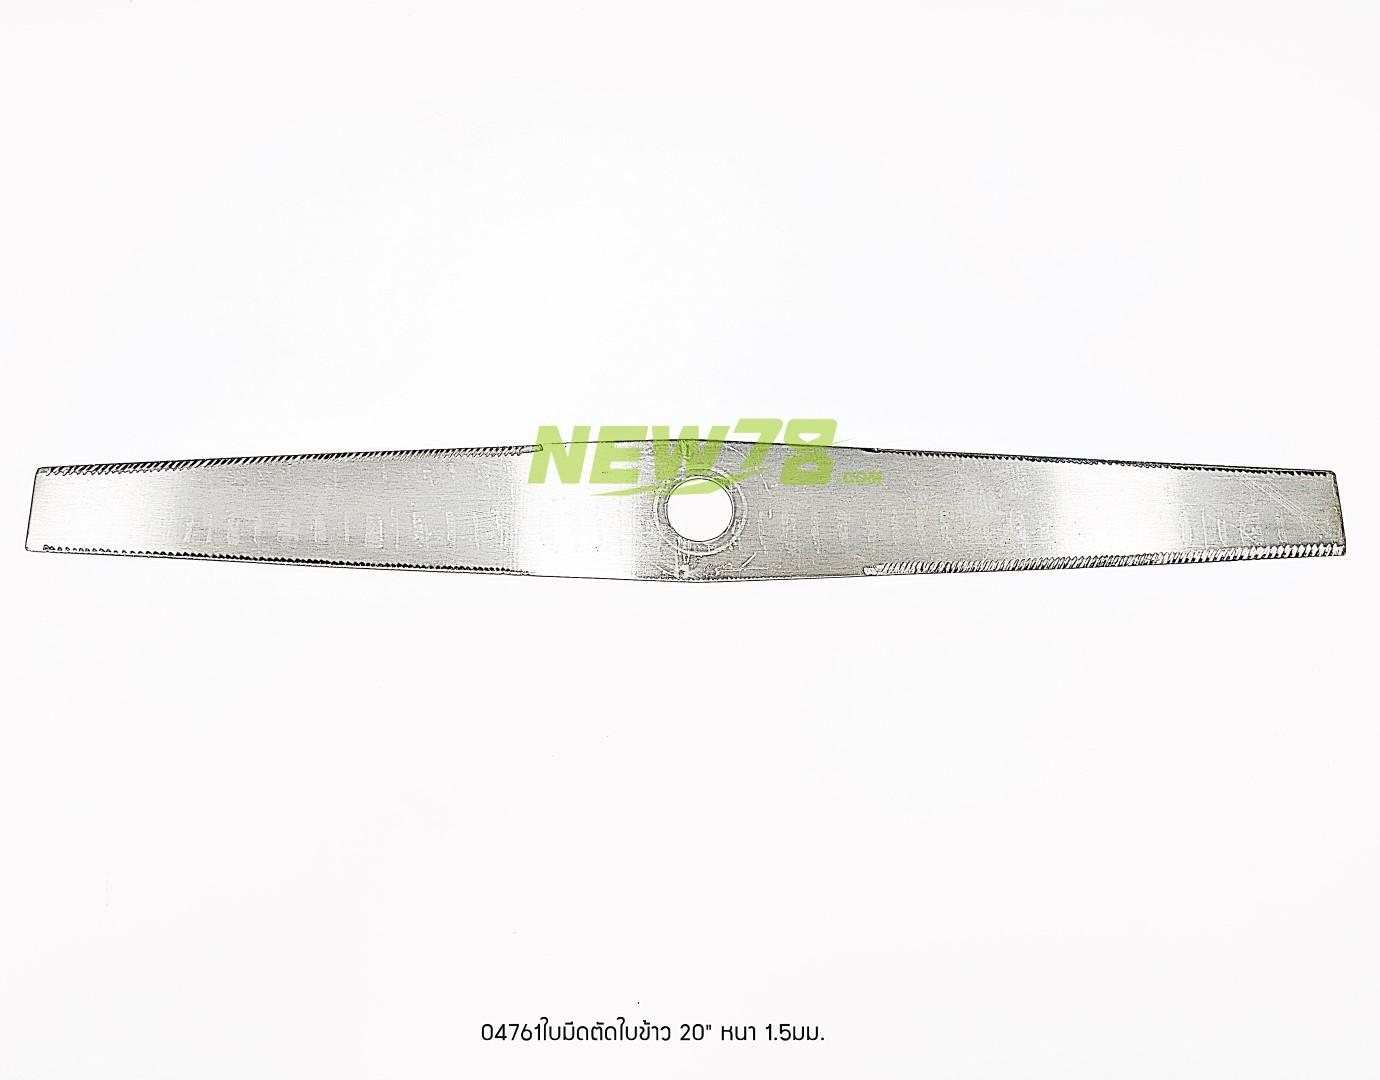 """04761 ใบมีดตัดใบข้าว 20"""" หนา 1.5มม."""